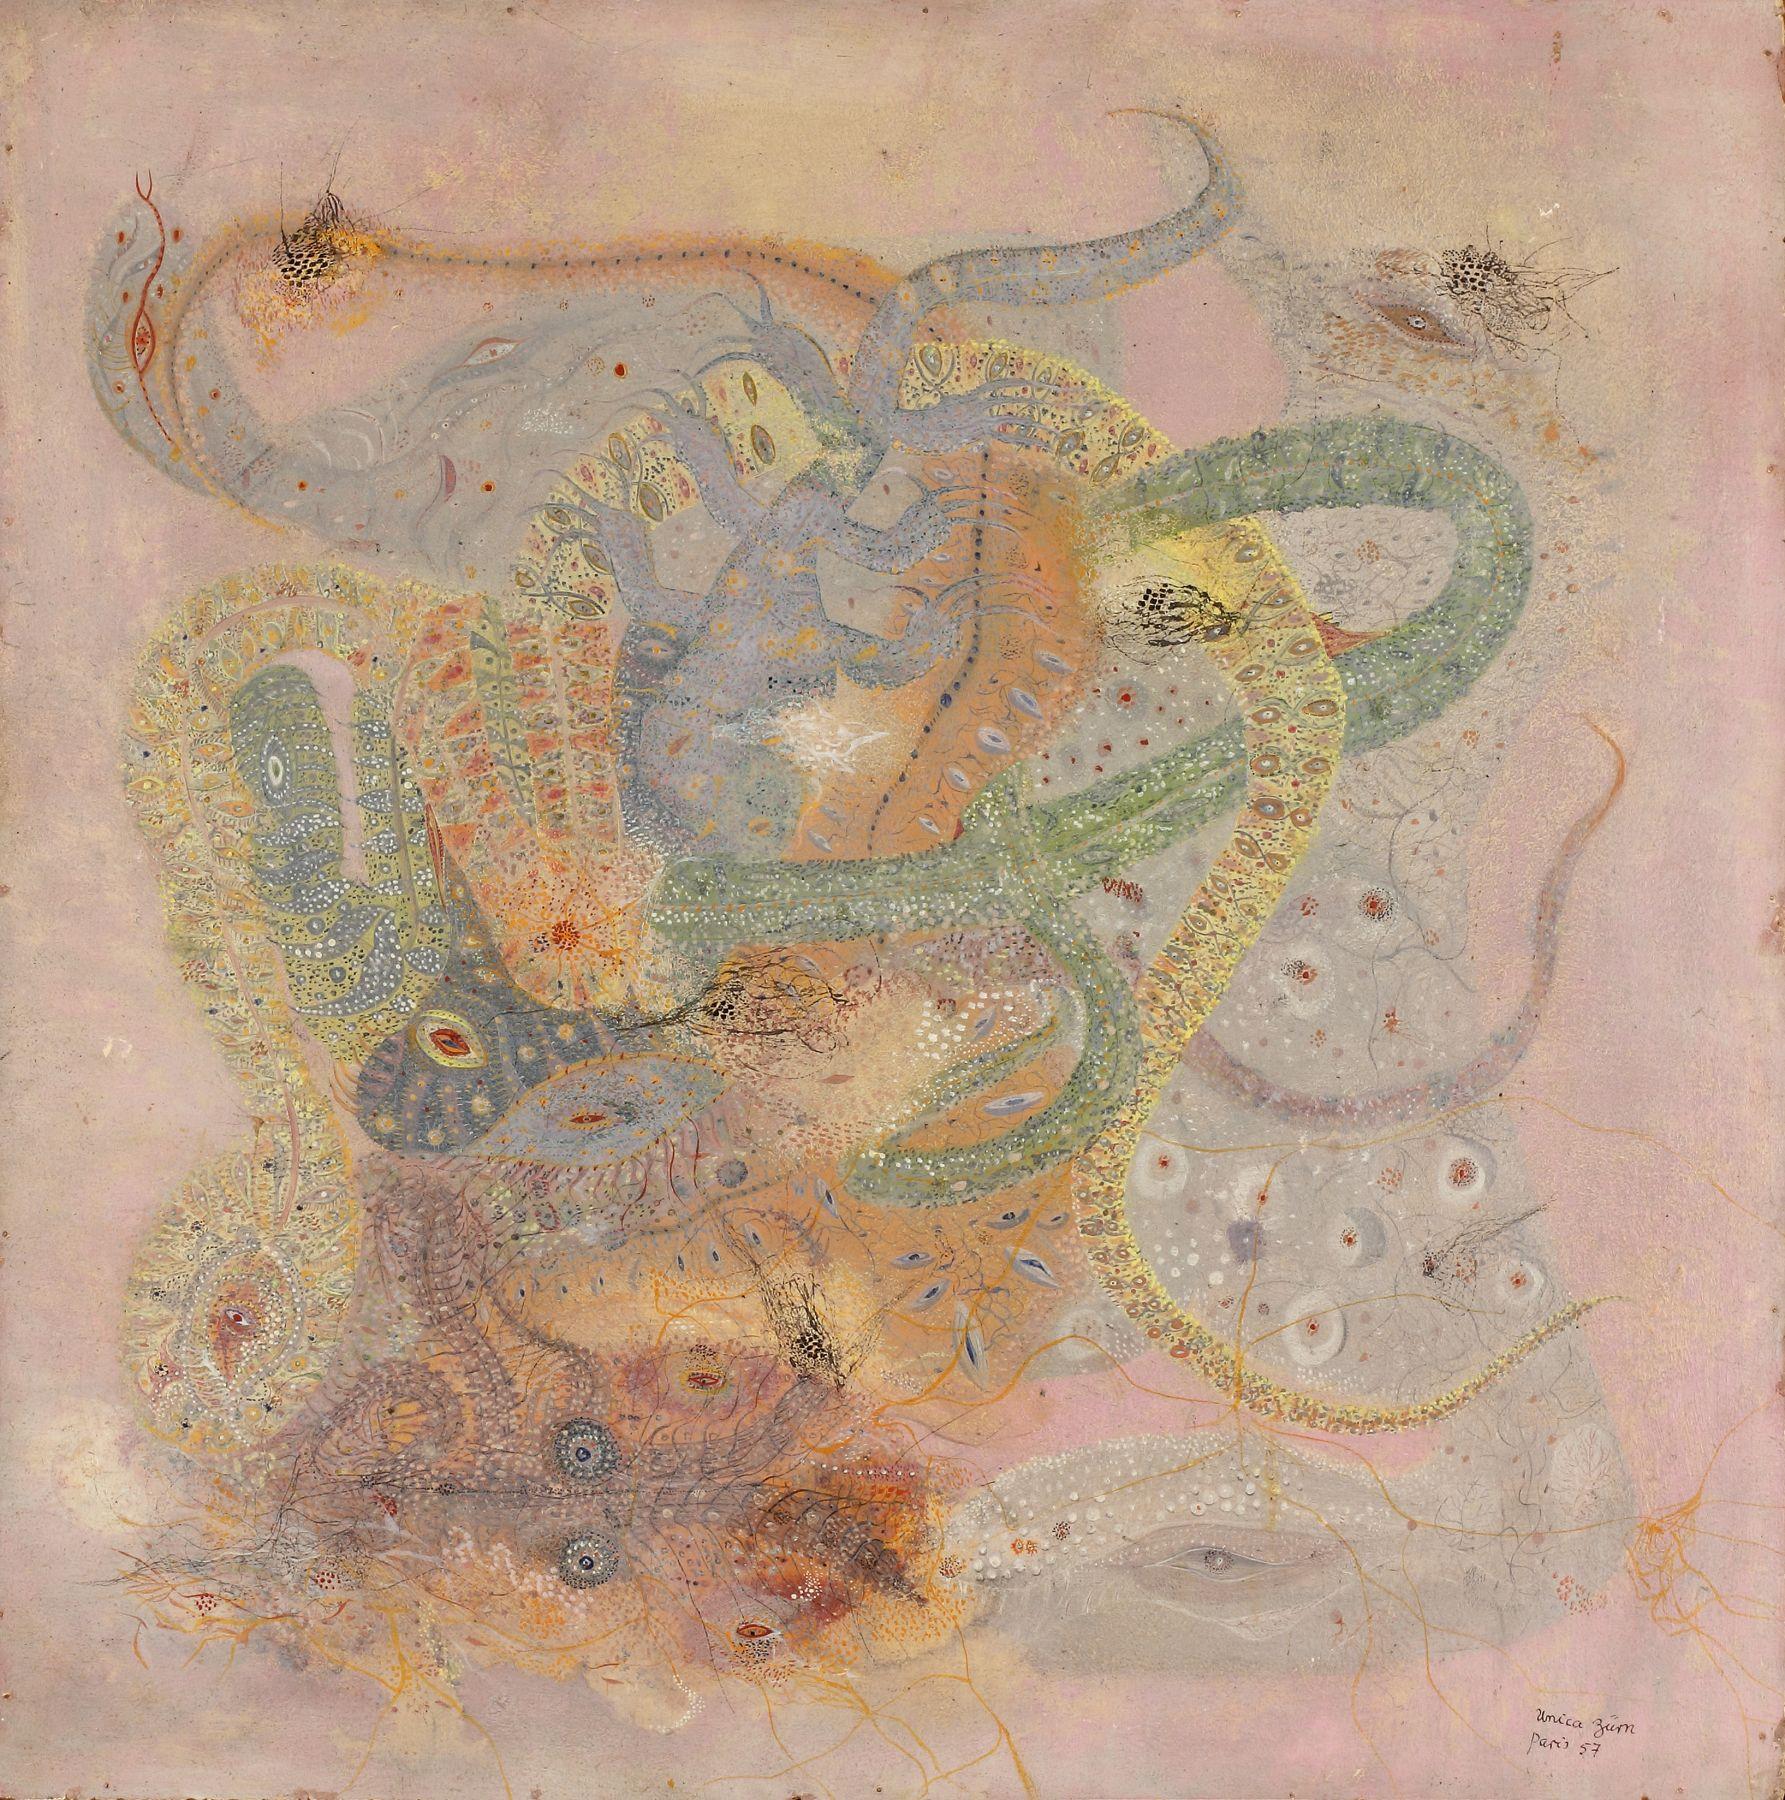 Unica Zürn(1916-1970) Germany/France, La Serpenta (The Serpent), 1957, Oil on panel, 19.5 x 19.5 in